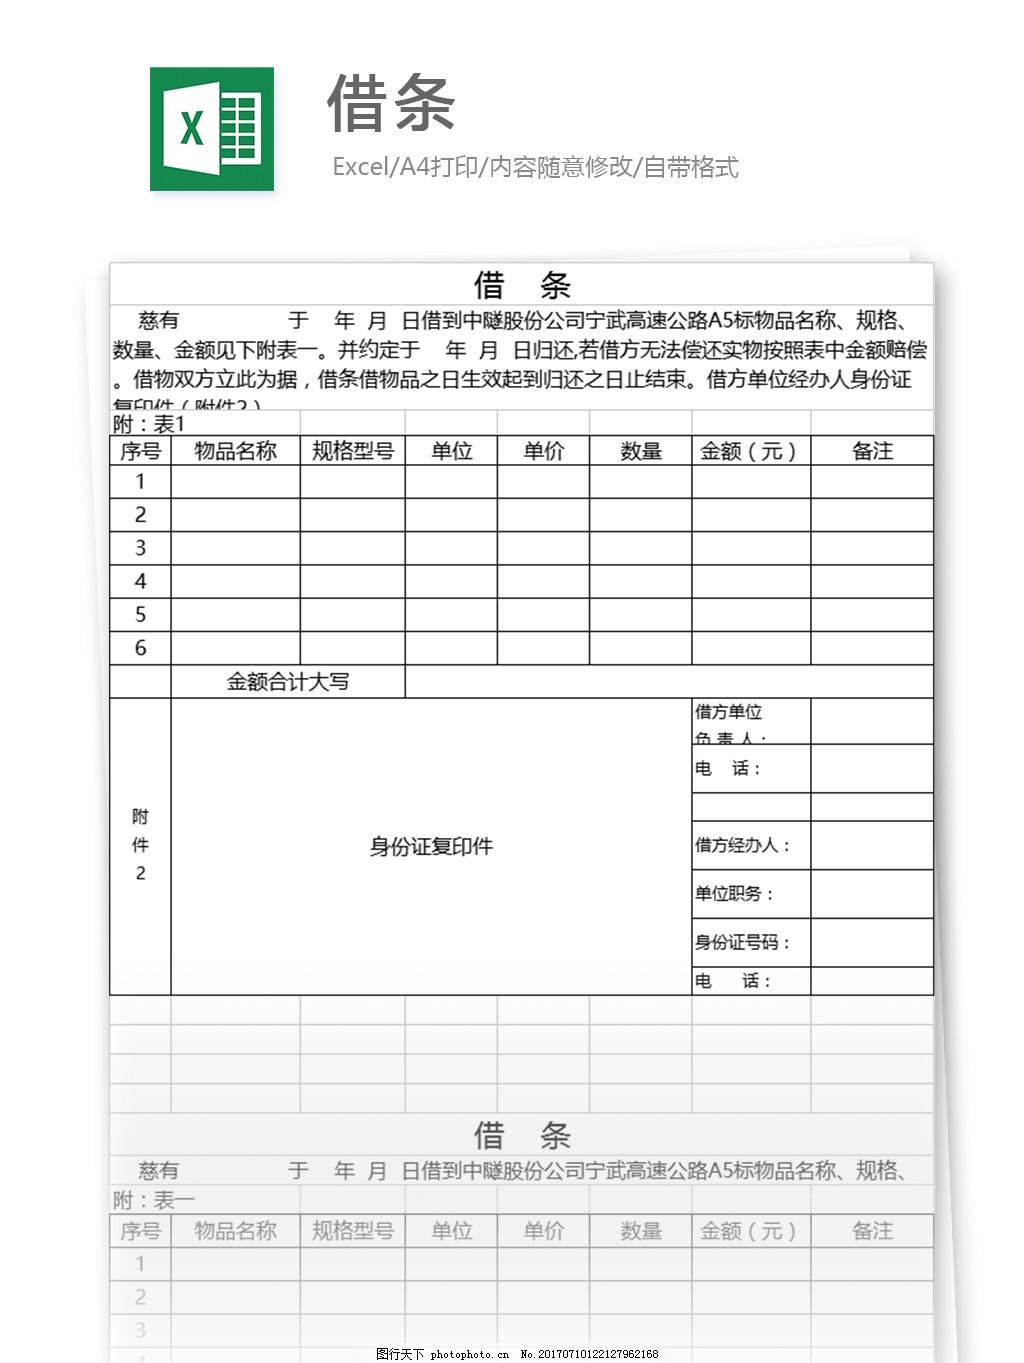 借条excel表格模板,图表,表格设计,报表,范文,财务报表,借据